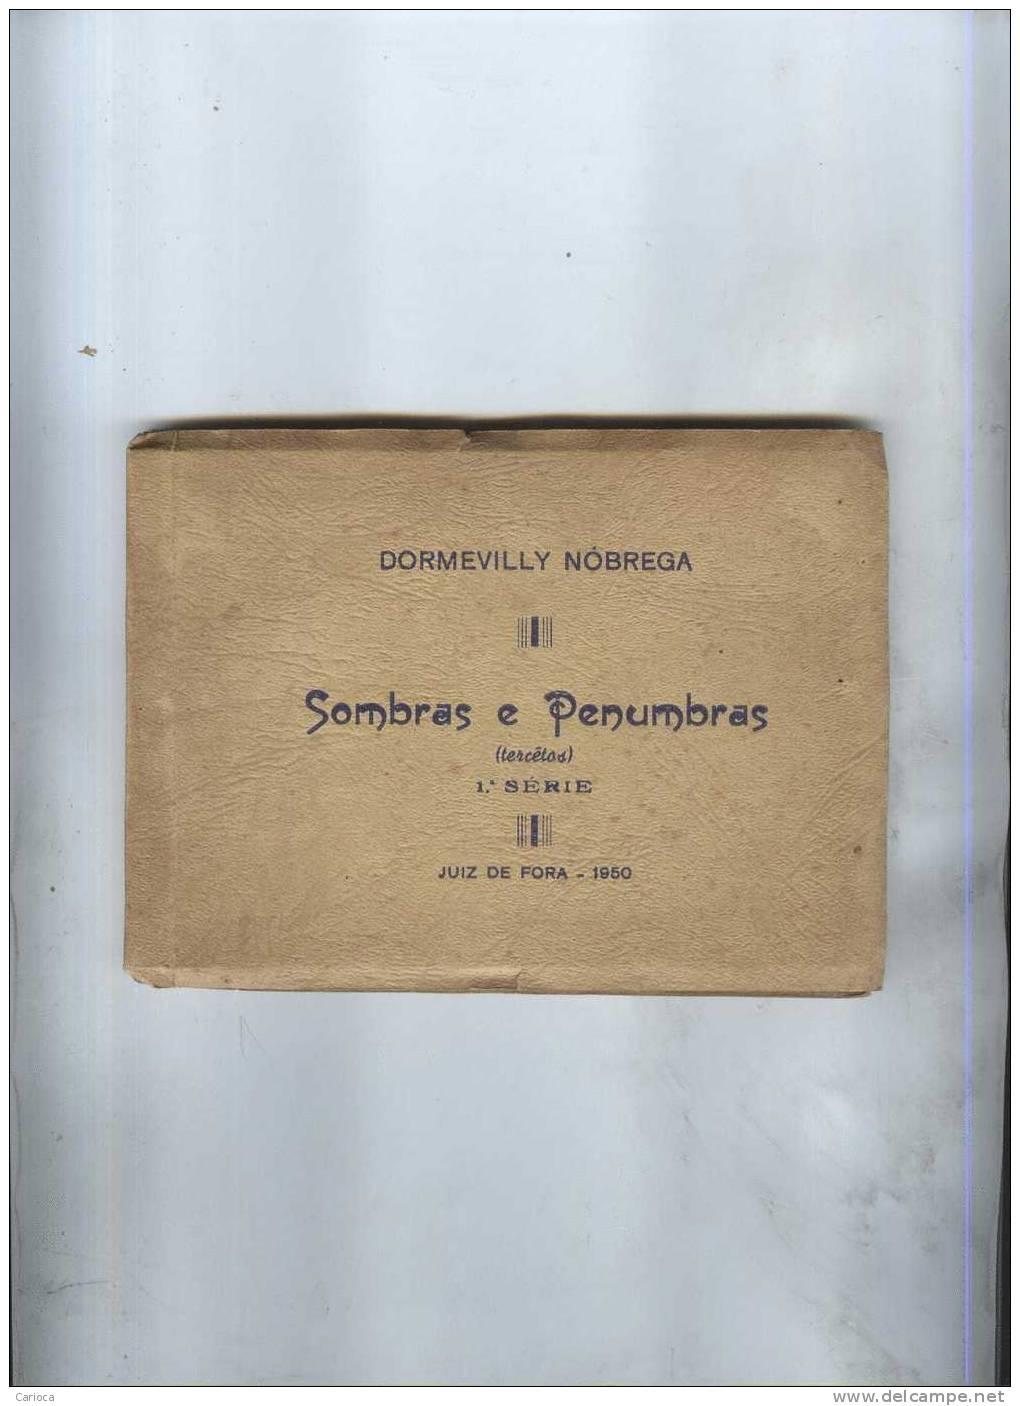 LIVRE TERCETS BRESILIENS DORMEVILLY NOBREGA - Livres, BD, Revues